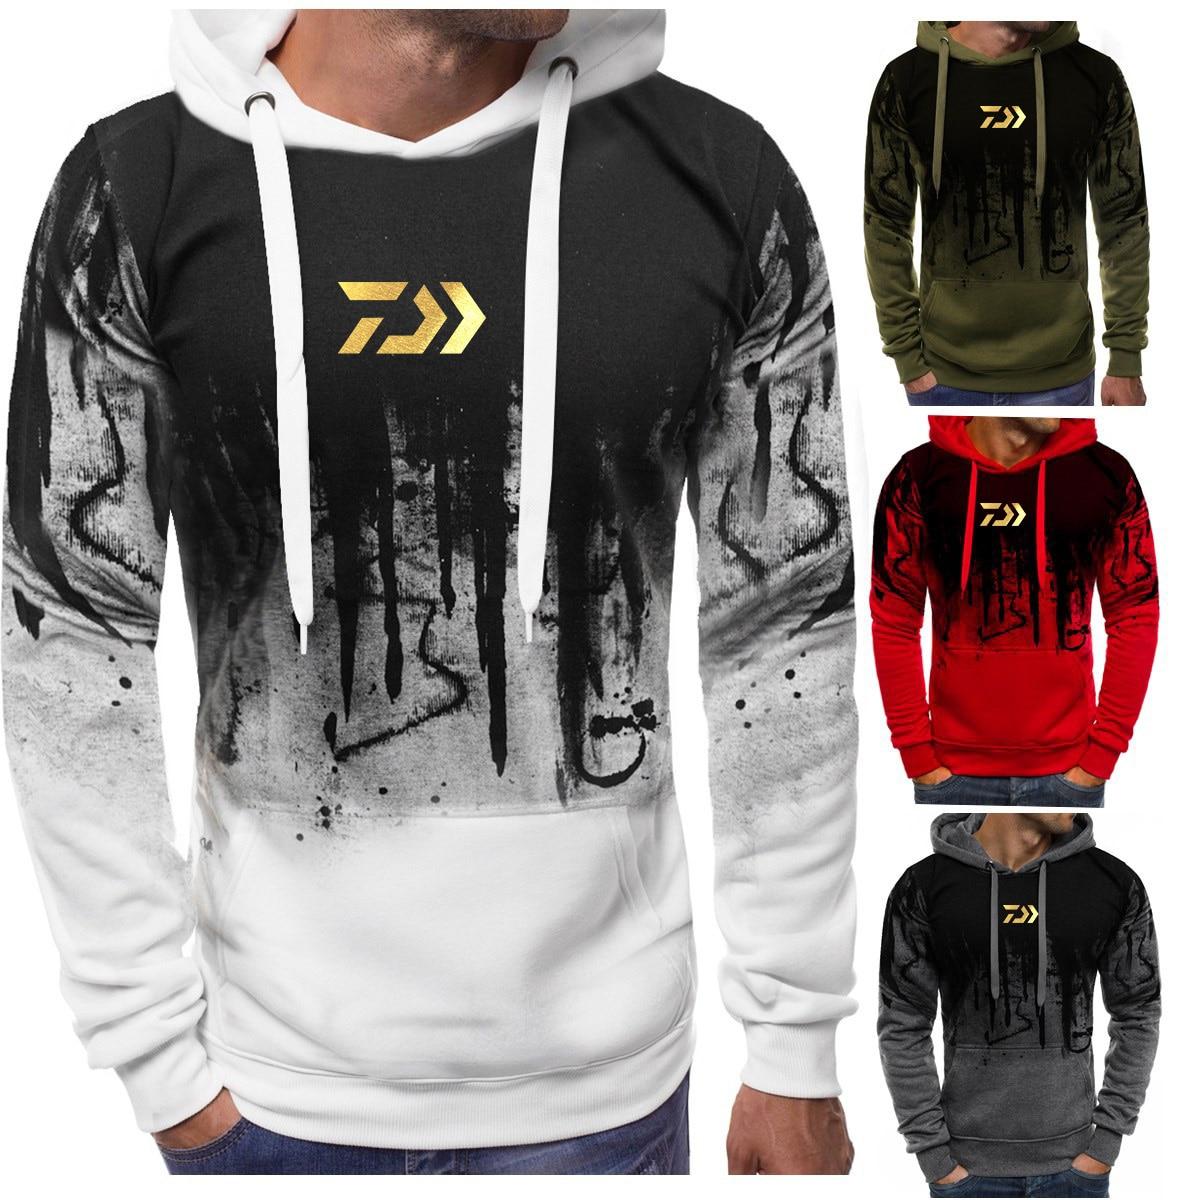 2020 DAIWA Fishing Hoodies Outdoor Sweatshirt With Cap Loose Fleece Warm Jacket Men Fishing Clothing With Hoodies Daiwa Clothes